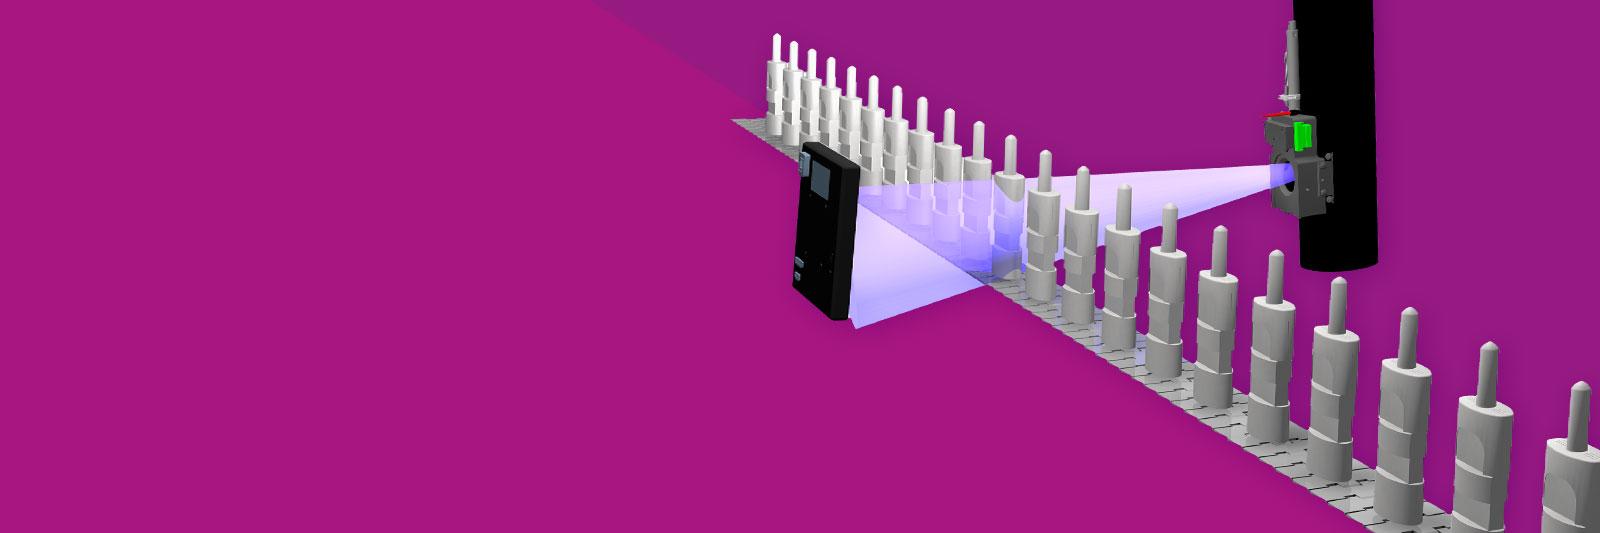 xs-ii-dispenser-_title-l.jpg